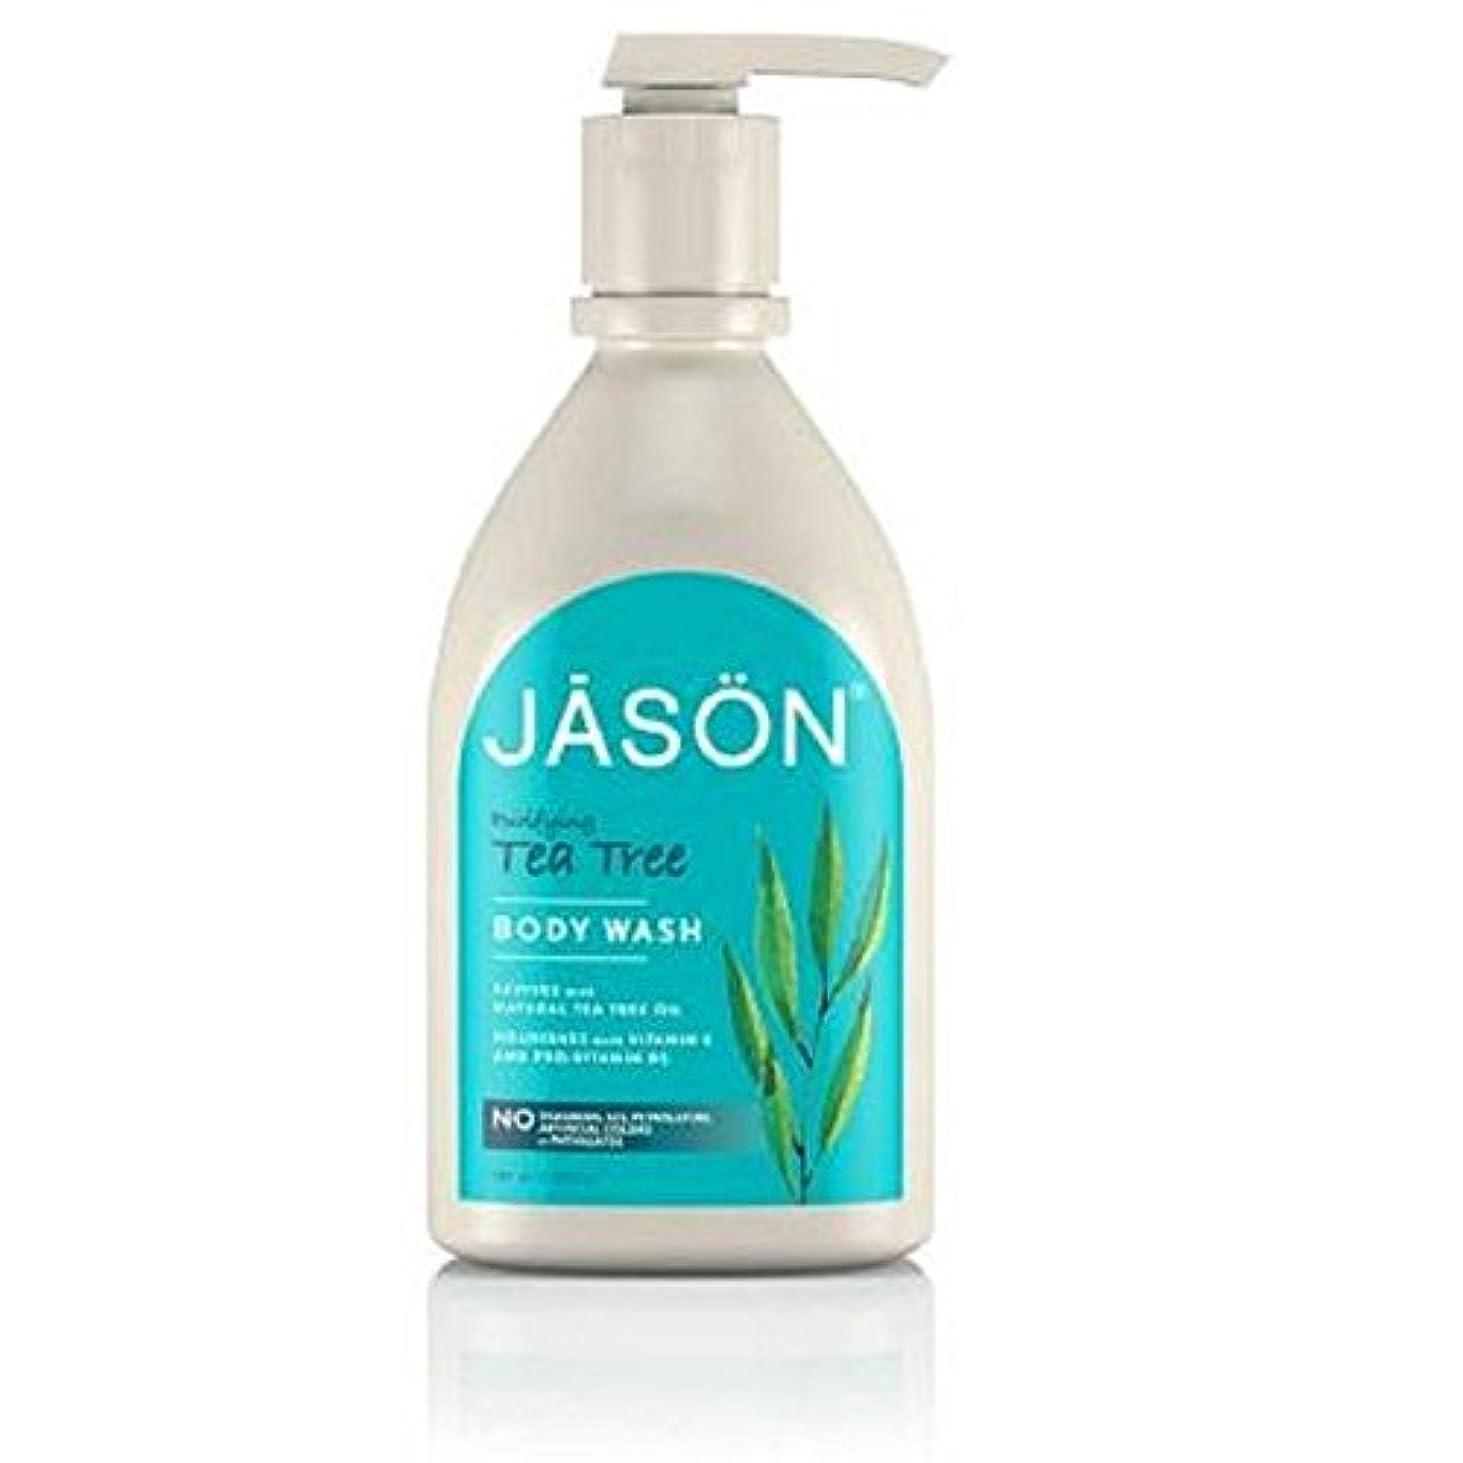 方程式イブニング火山Jason Tea Tree Satin Body Wash Pump 900ml - ジェイソン?ティーツリーサテンボディウォッシュポンプ900ミリリットル [並行輸入品]